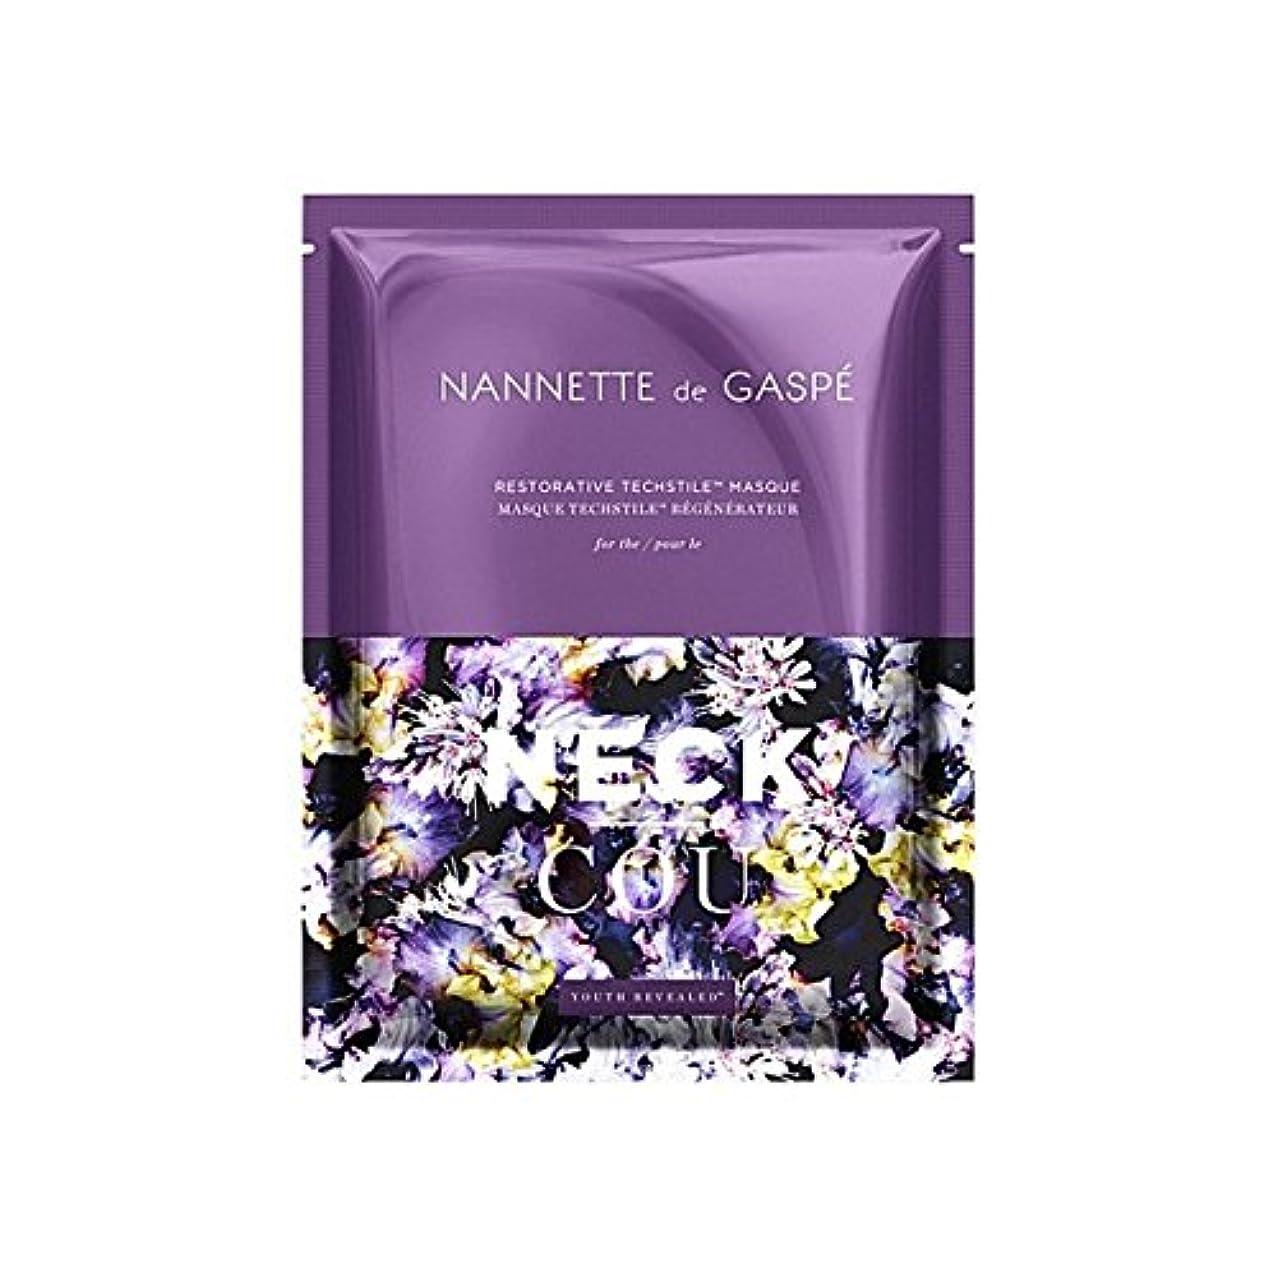 ハンカチ発見狂気Nannette De Gaspe Restorative Techstile Neck Masque (Pack of 6) - デガスペ修復首の仮面劇 x6 [並行輸入品]